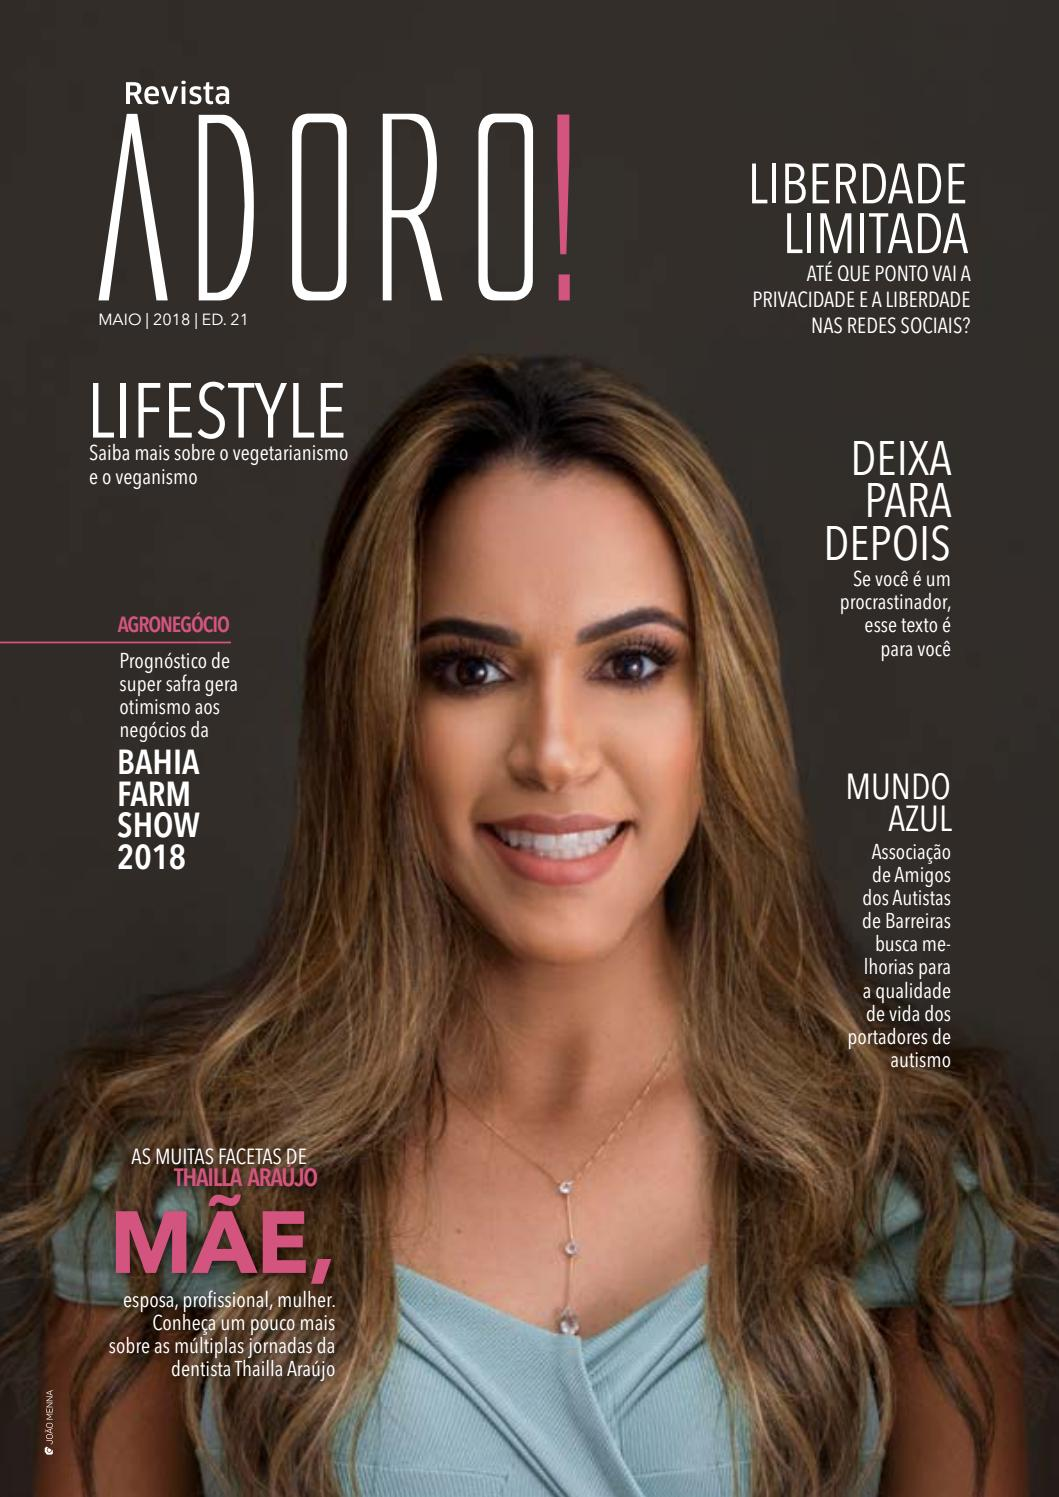 7aca68d6269cb Revista Adoro maio Ed. 21 - 2018 by Adoro Revista - issuu